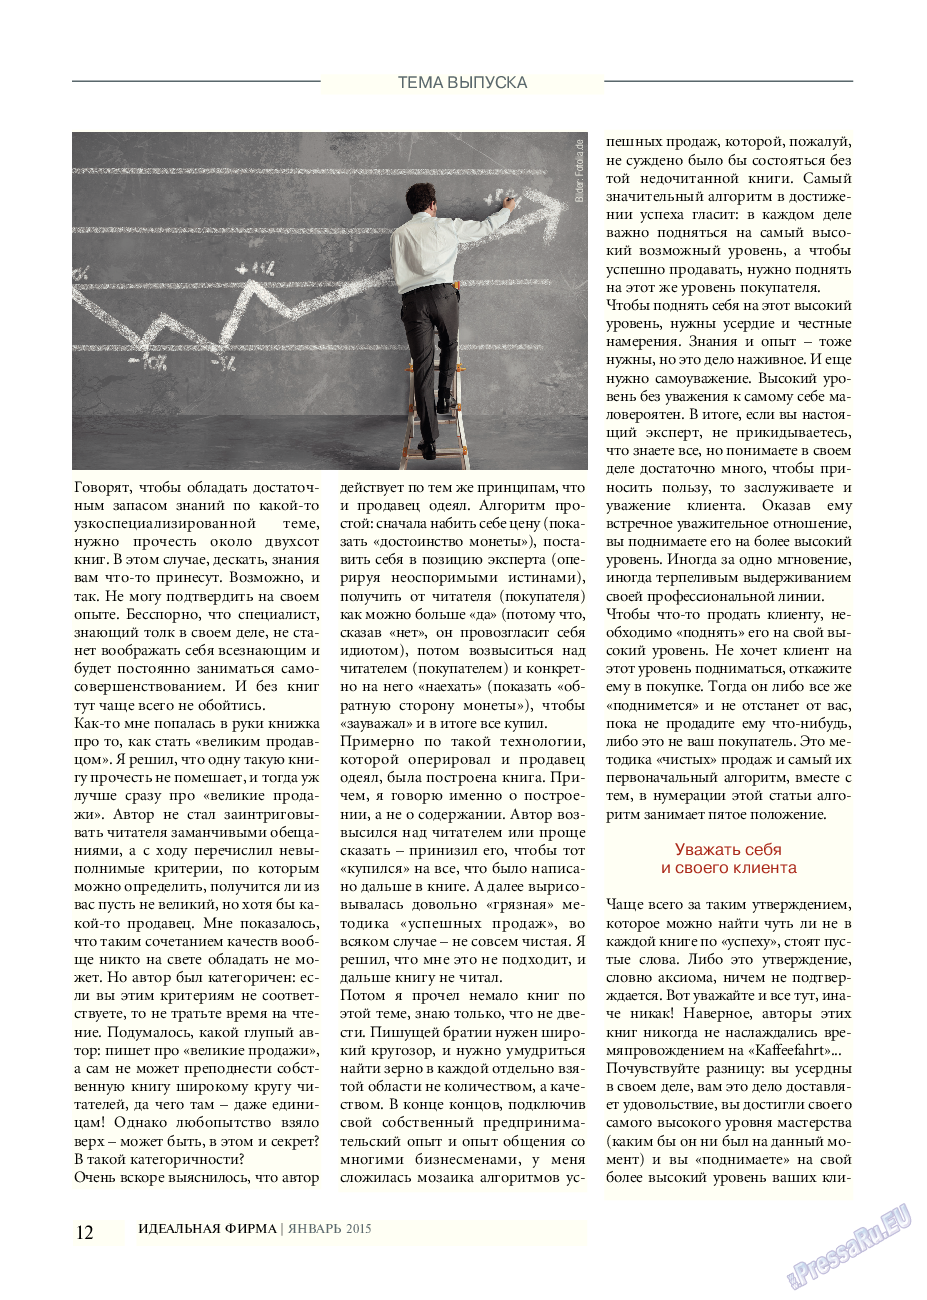 Идеальная фирма (журнал). 2015 год, номер 1, стр. 12